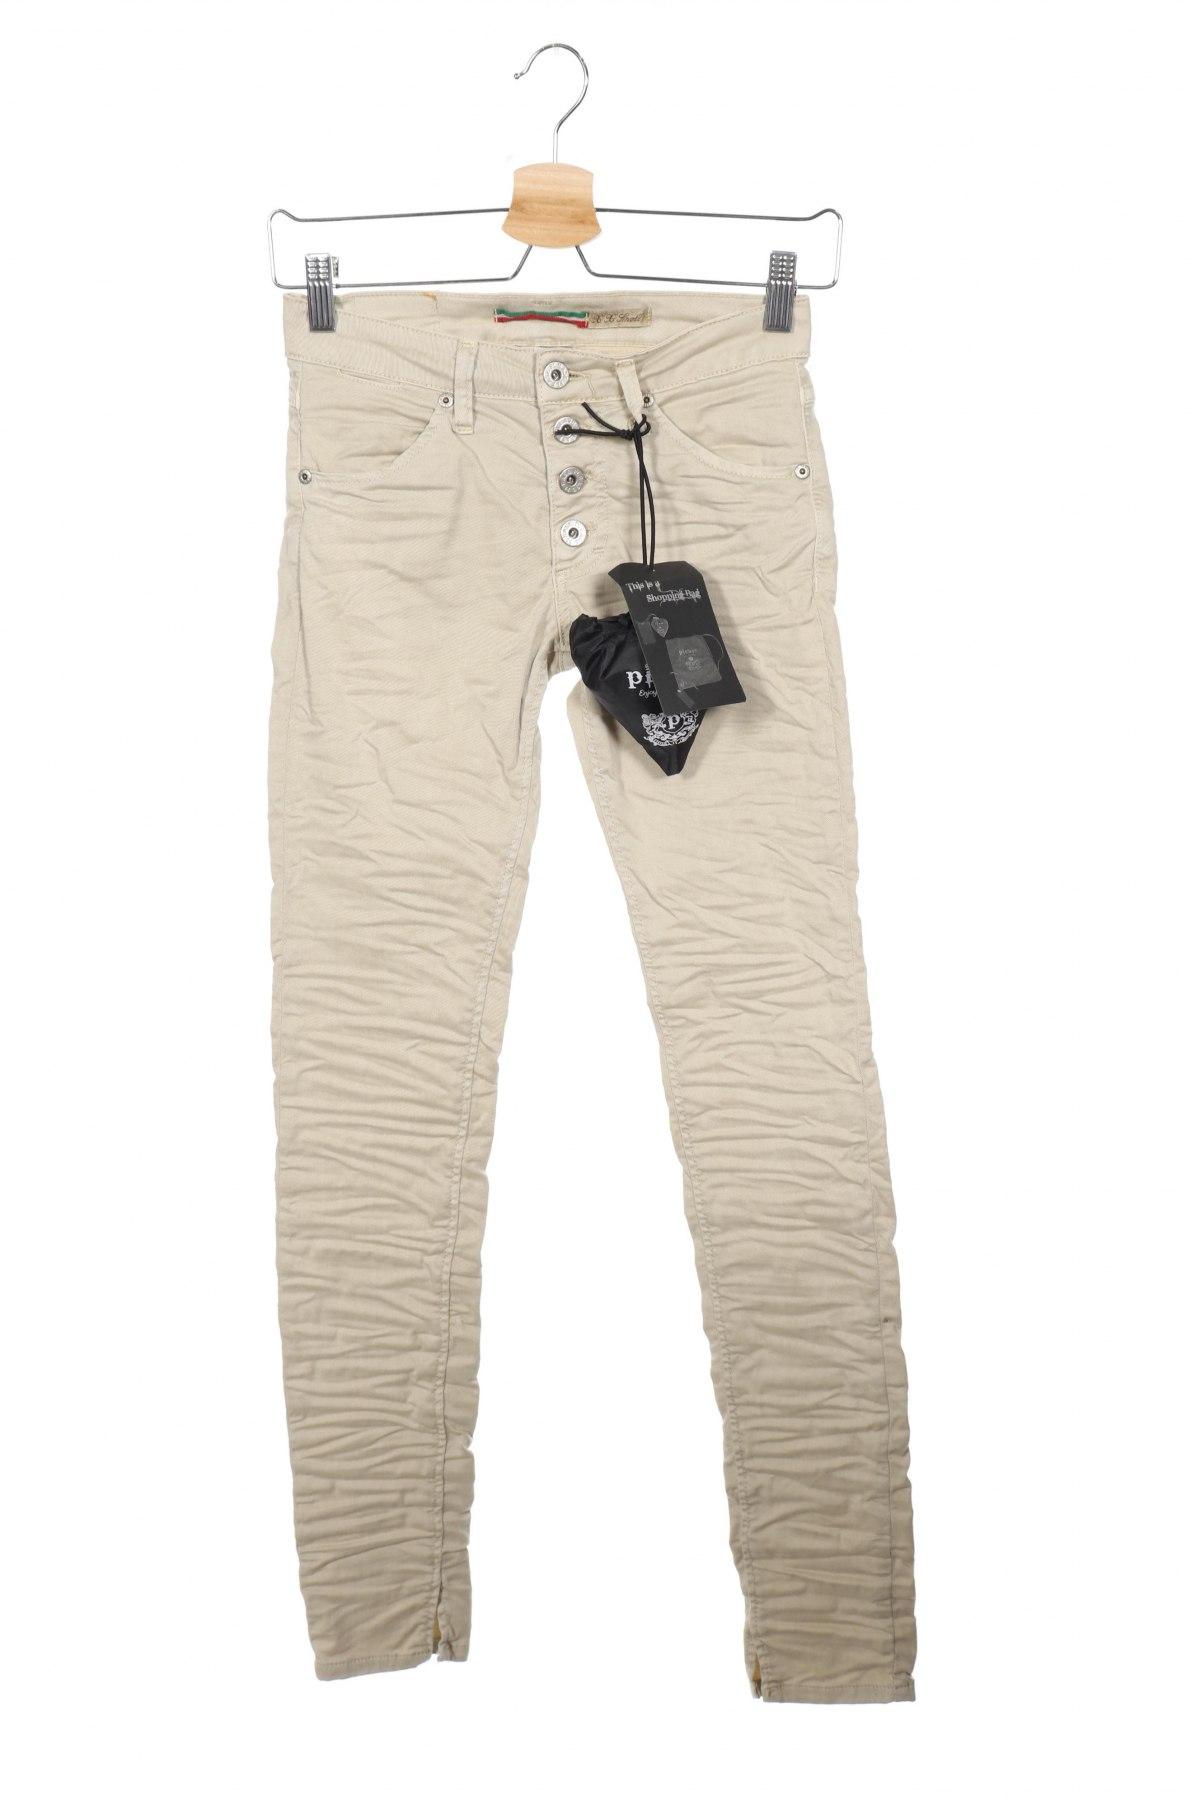 Дамски дънки Please, Размер XXS, Цвят Бежов, 98% памук, 2% еластан, Цена 23,85лв.